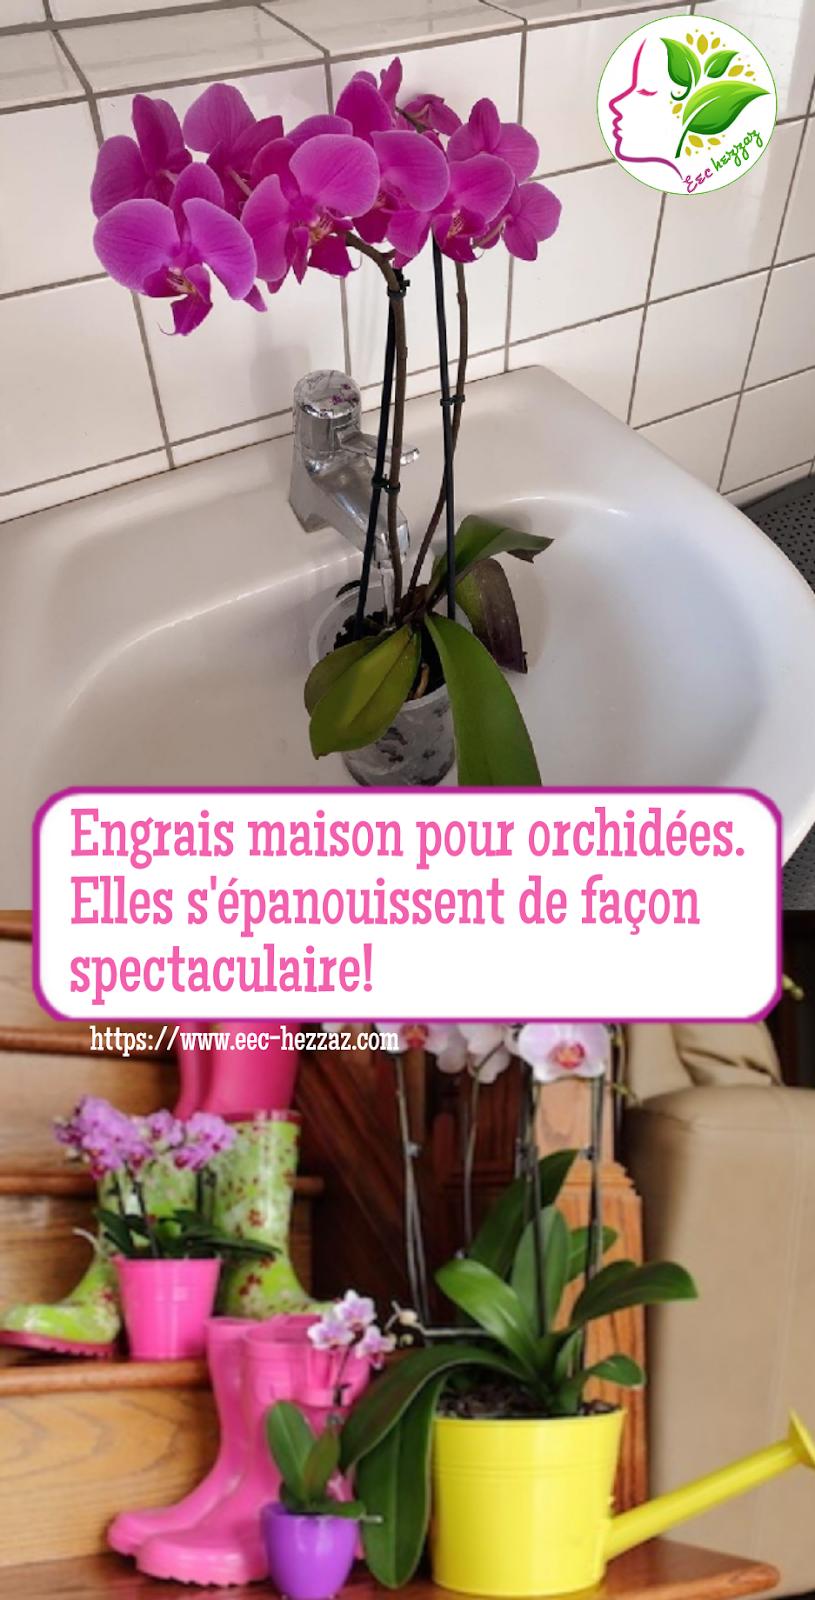 Engrais maison pour orchidées. Elles s'épanouissent de façon spectaculaire!